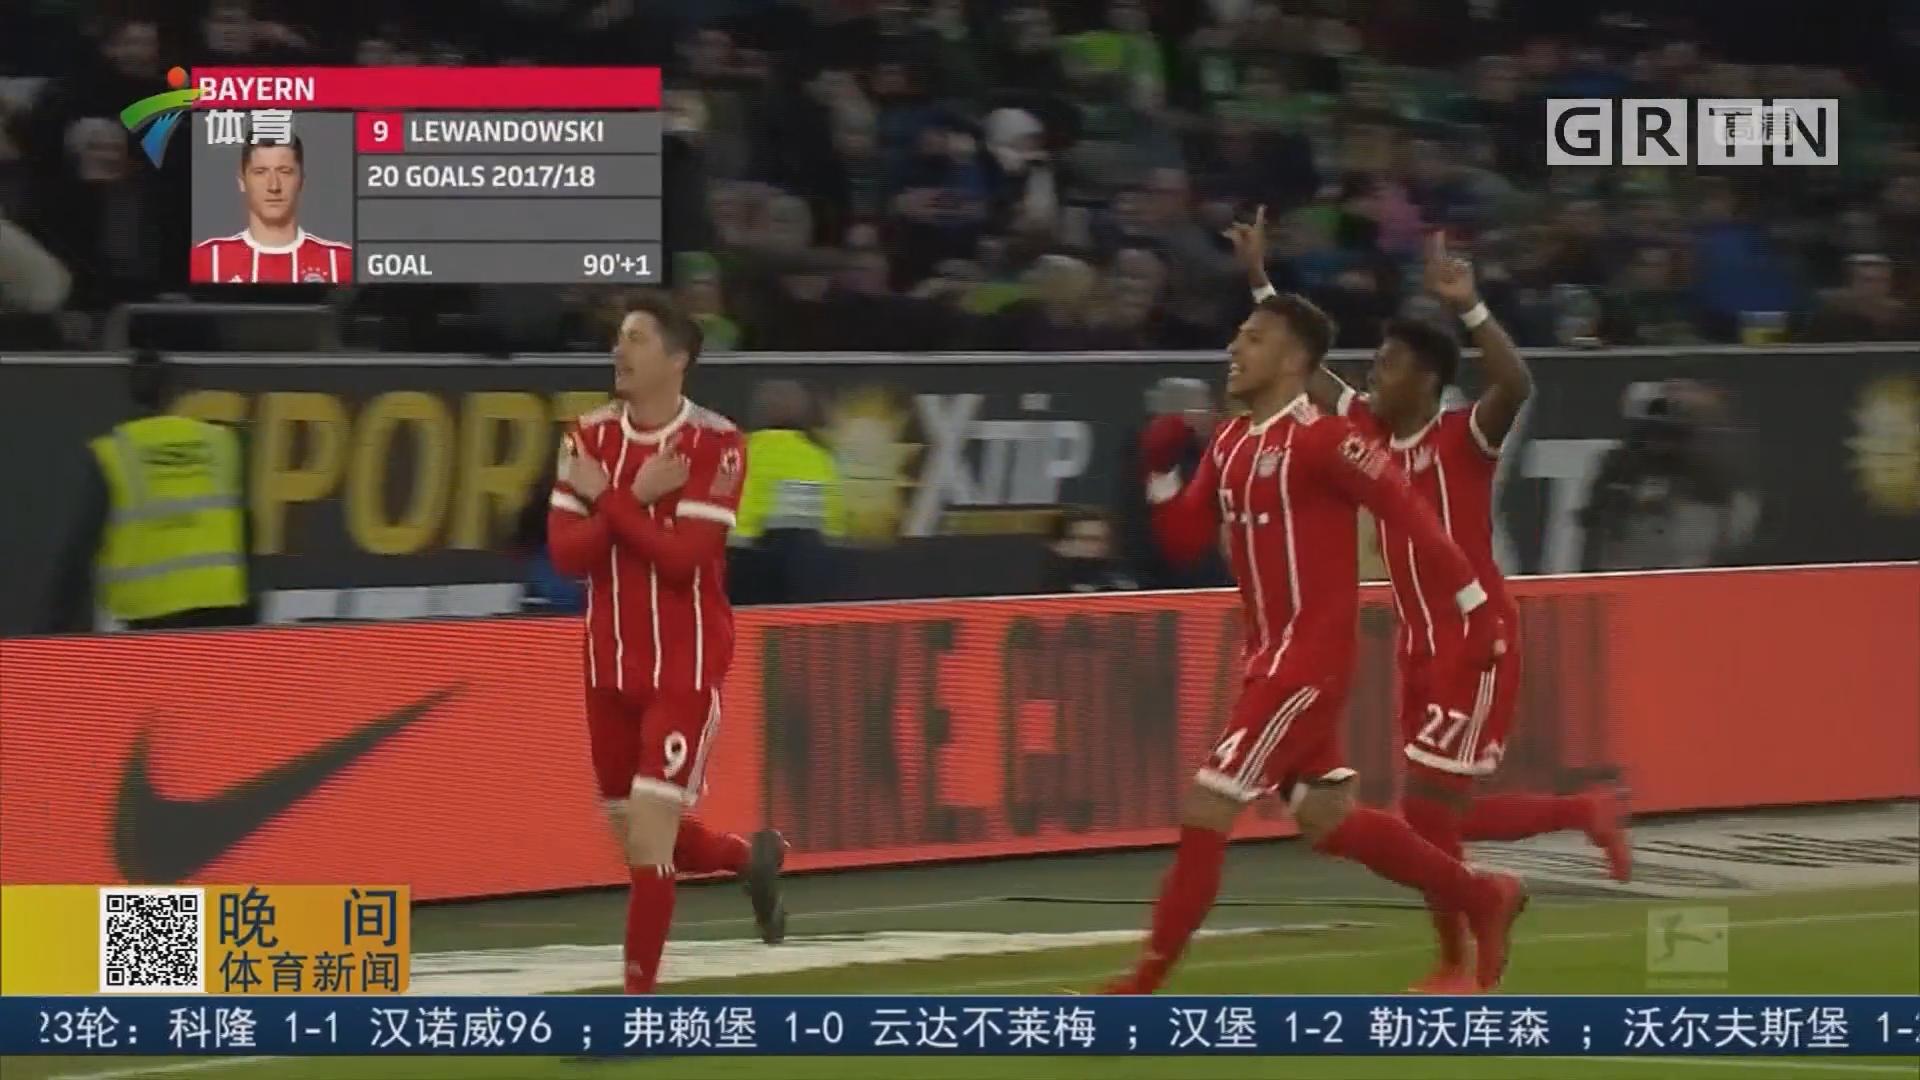 逆转狼堡 拜仁迎联赛十连胜